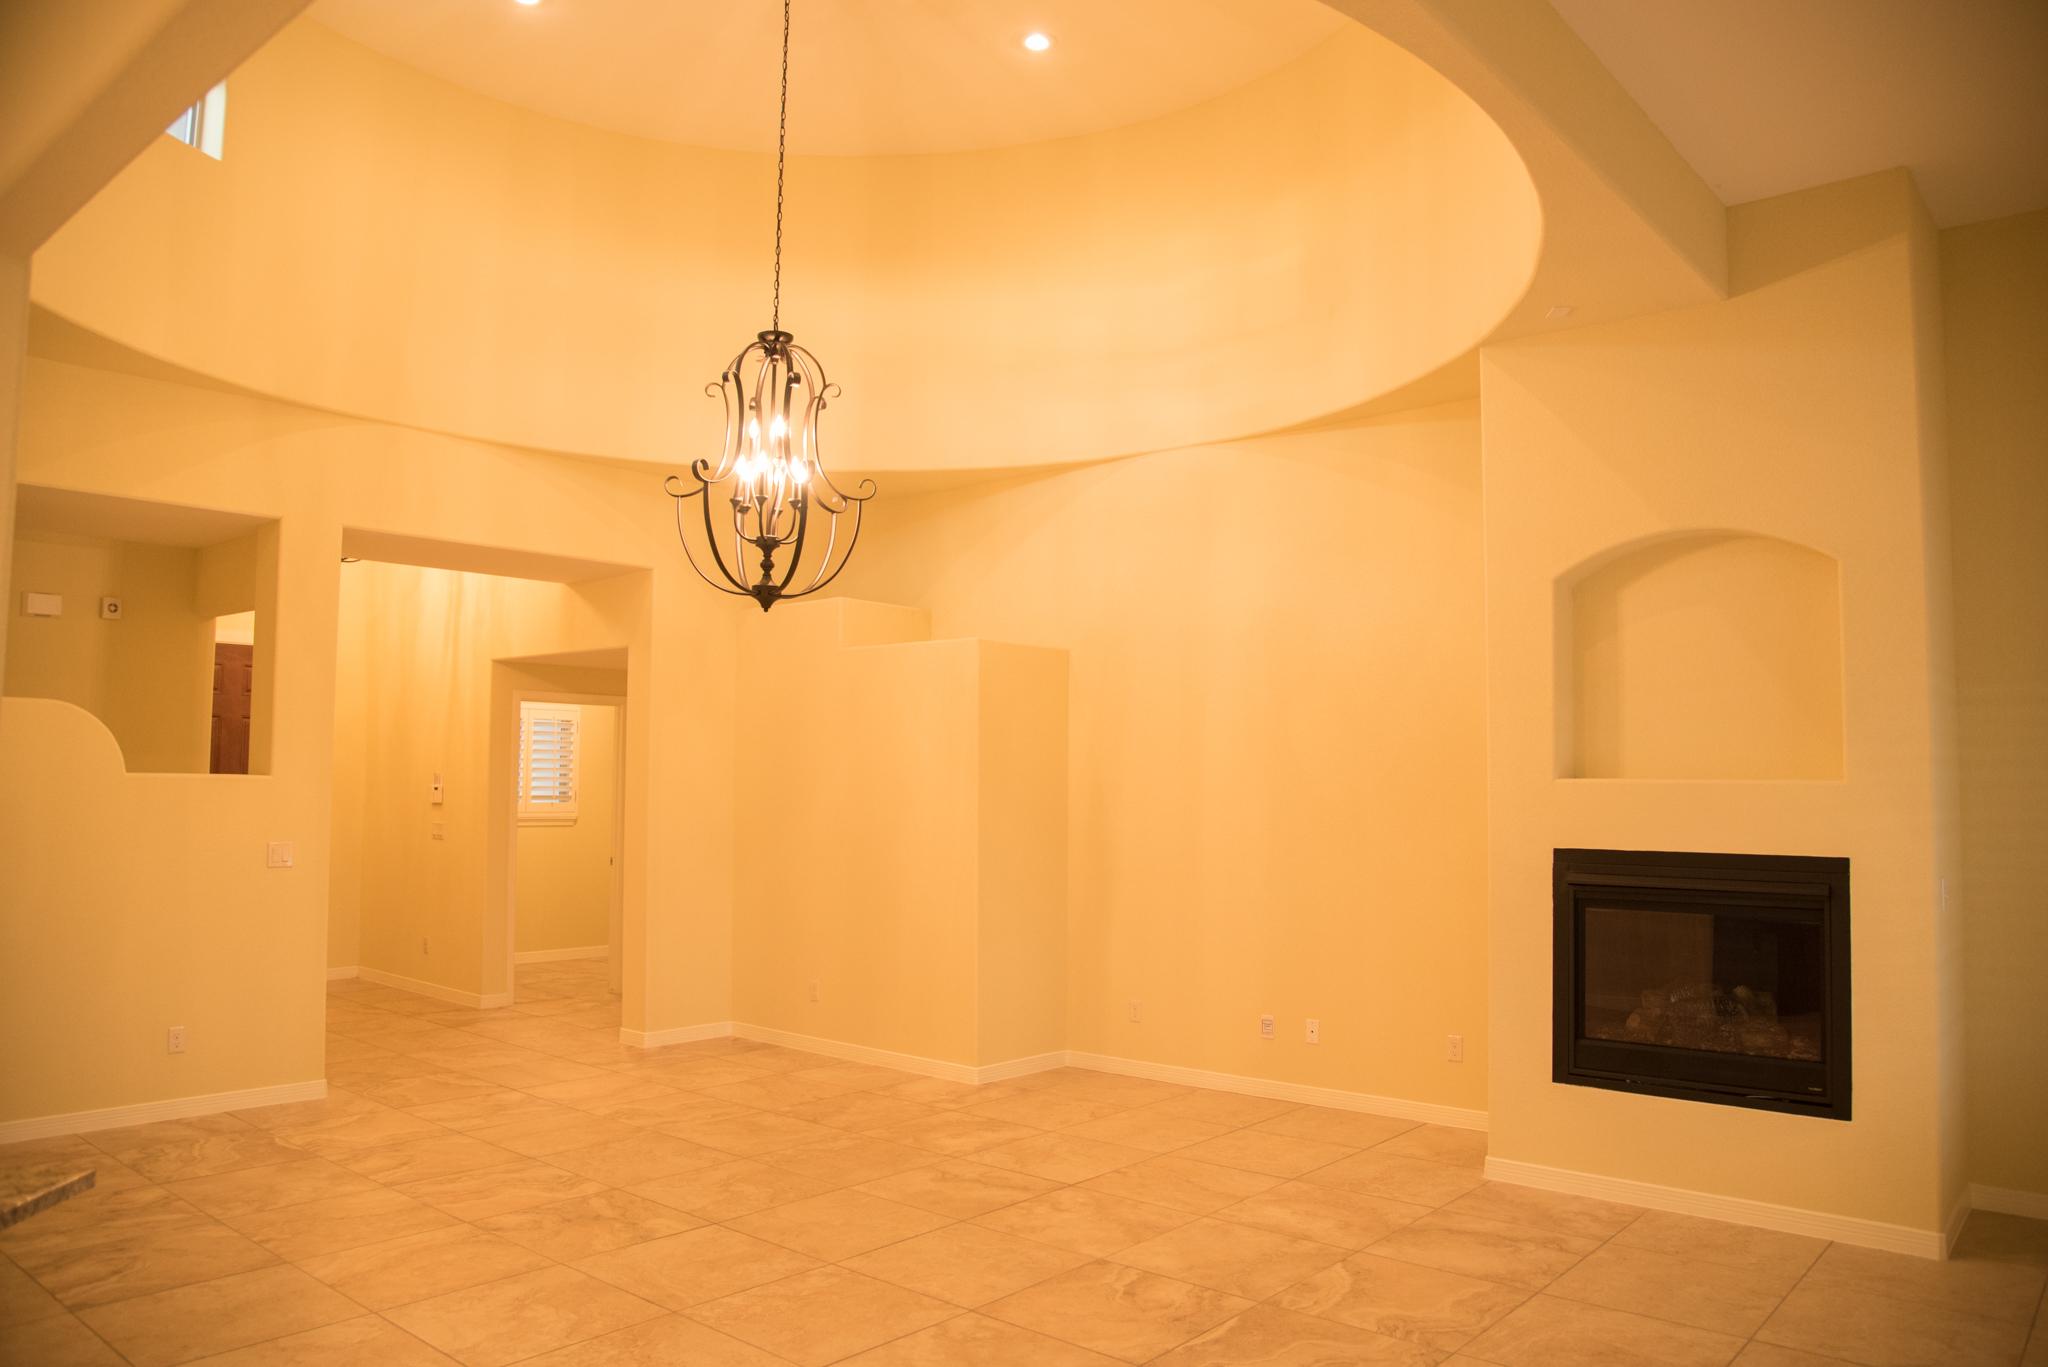 Haciendas del Rio El Paso TX Morgia II Living Room 2